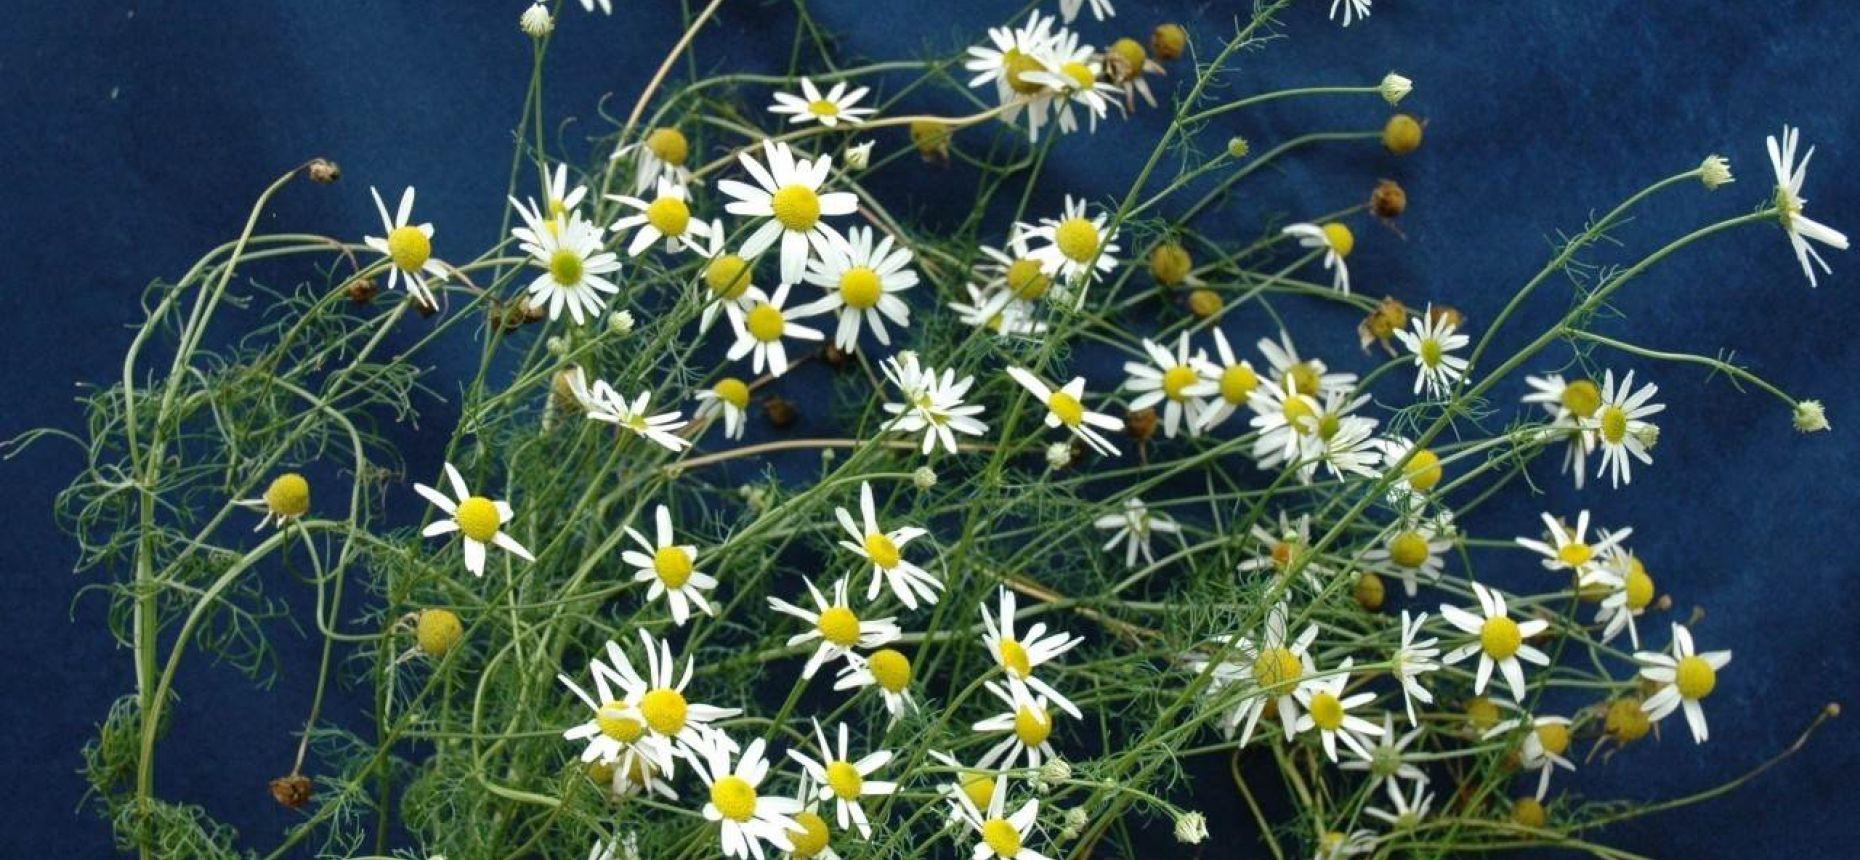 Трехреберник непахучий, триплеуроспермум продырявленный, ромашка непахучая - Tripleurospermum inodorum (L.) Sch. Bip.